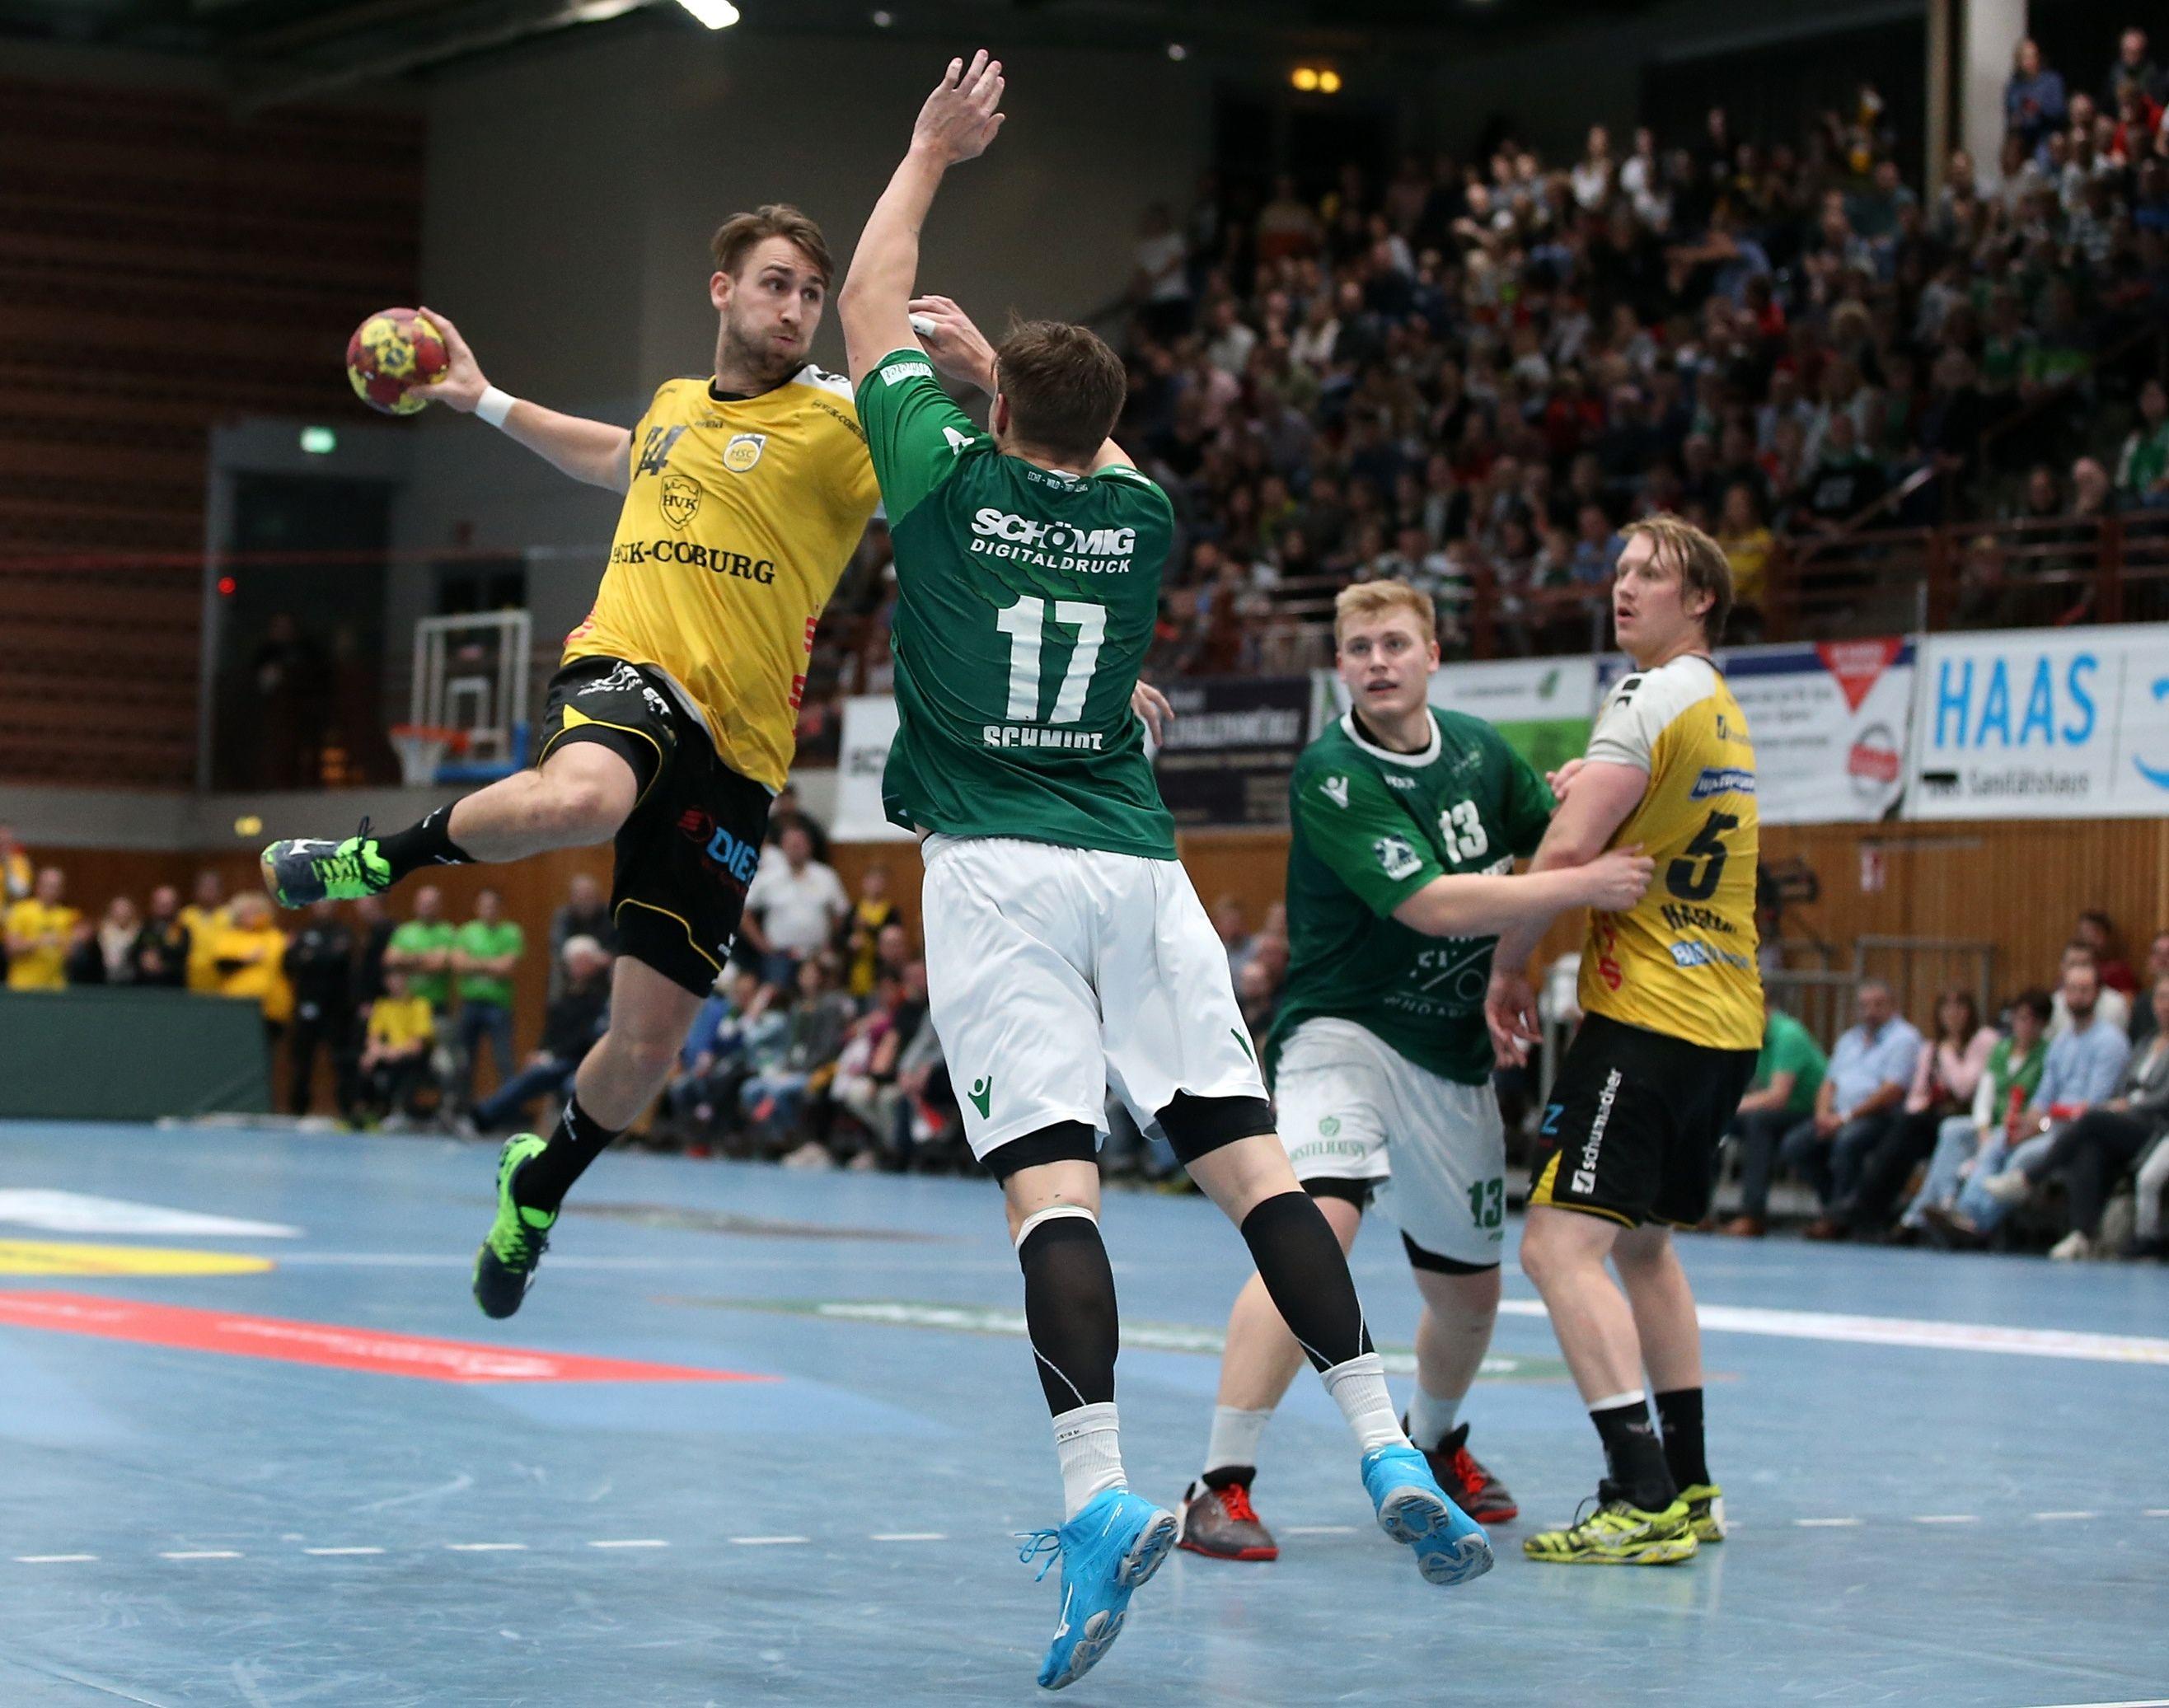 DKB 2. Handball-Bundesliga, DJK Rimpar Wölfe - HSC 2000 Coburg